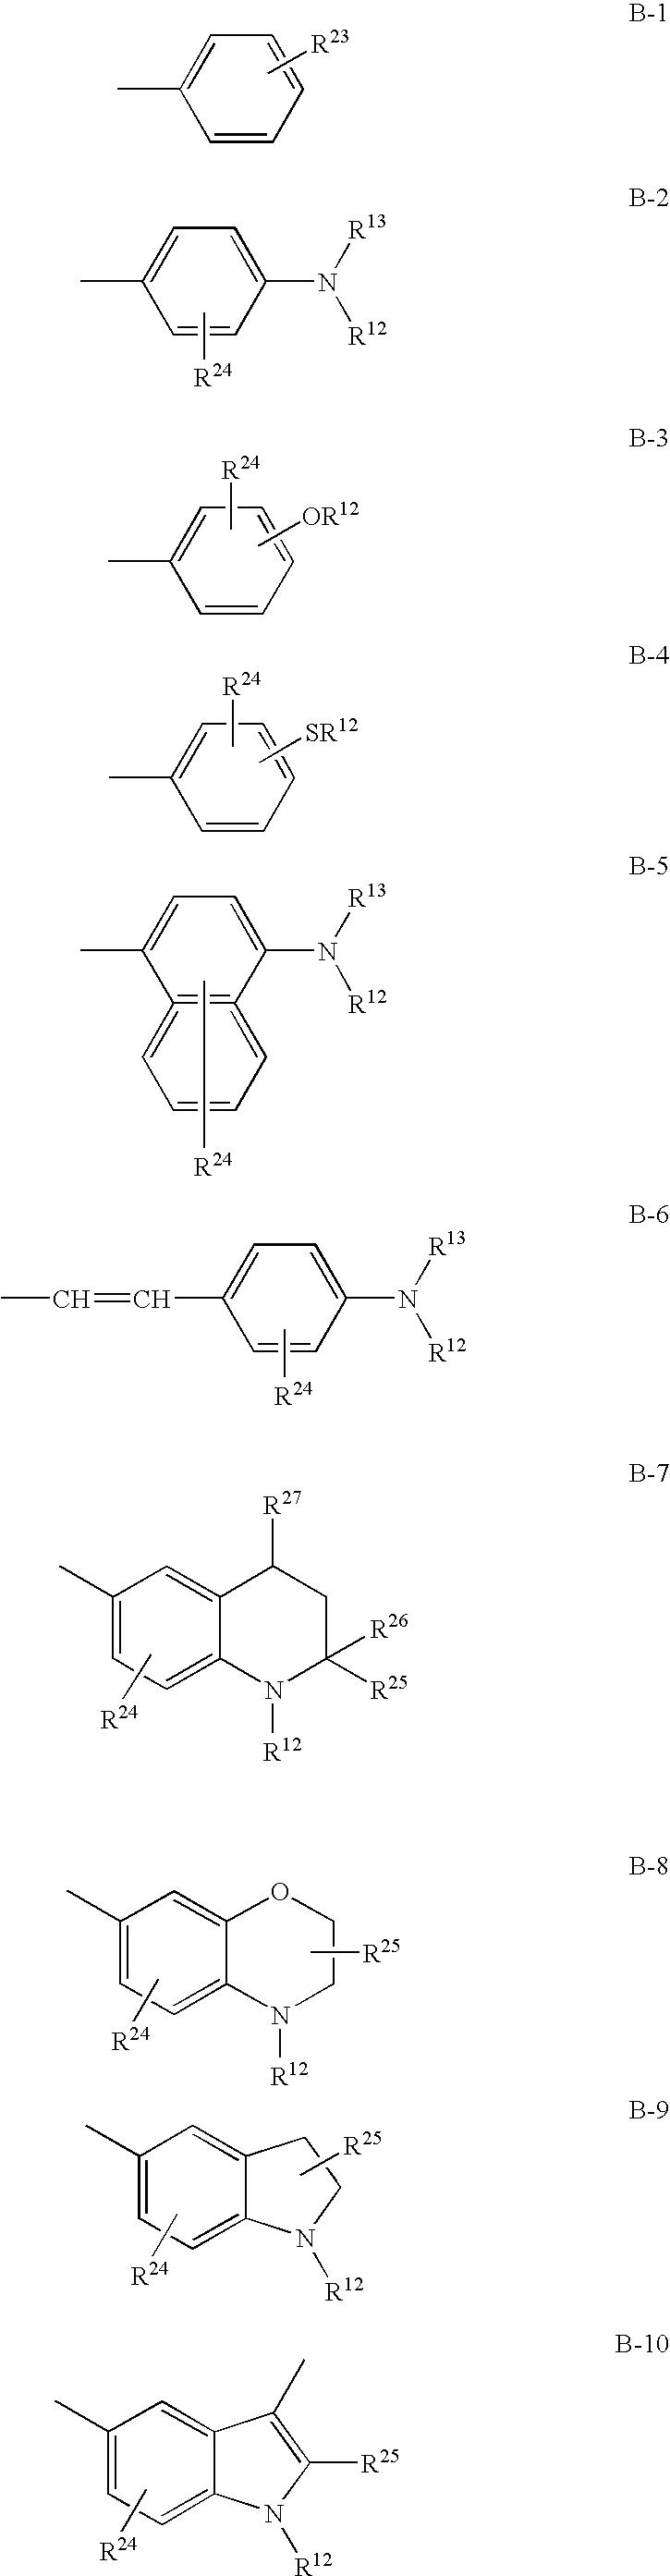 Figure US20070287822A1-20071213-C00012